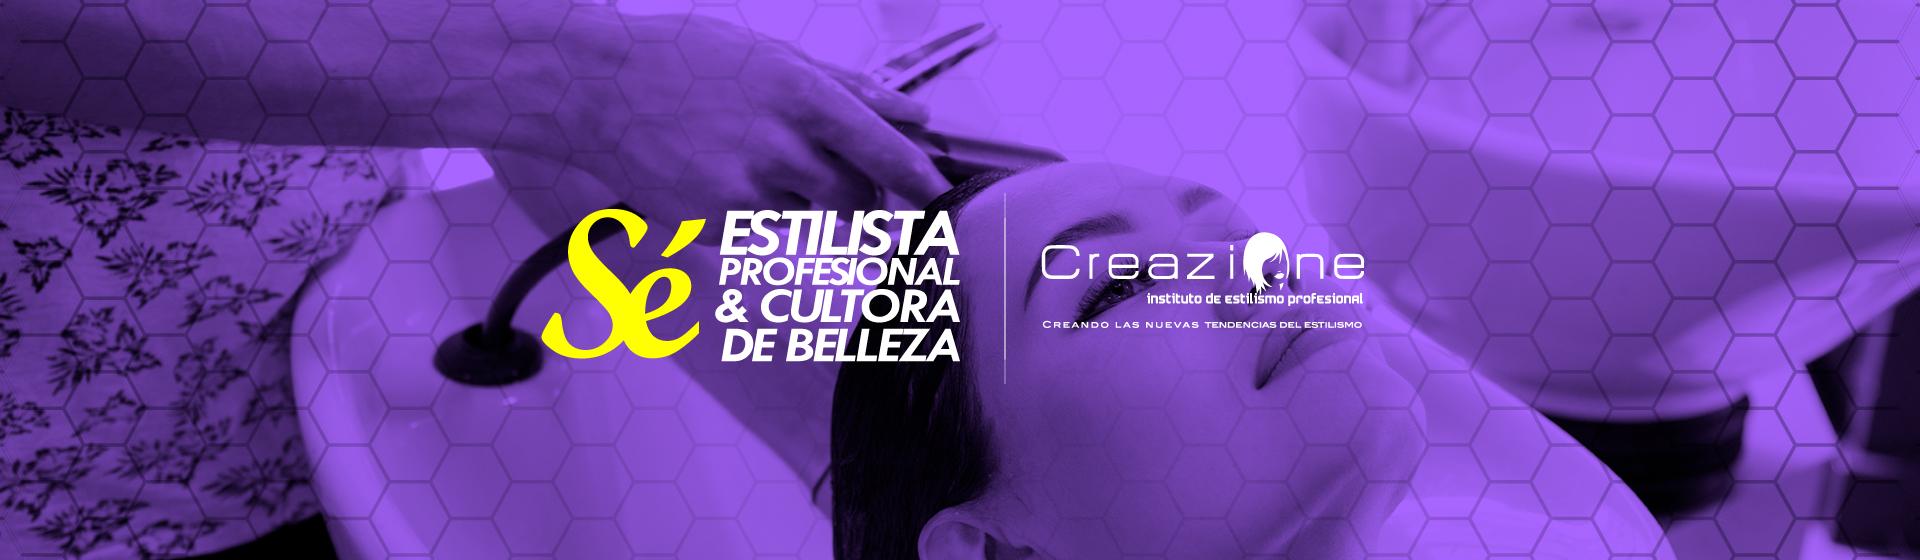 Belleza eadbox